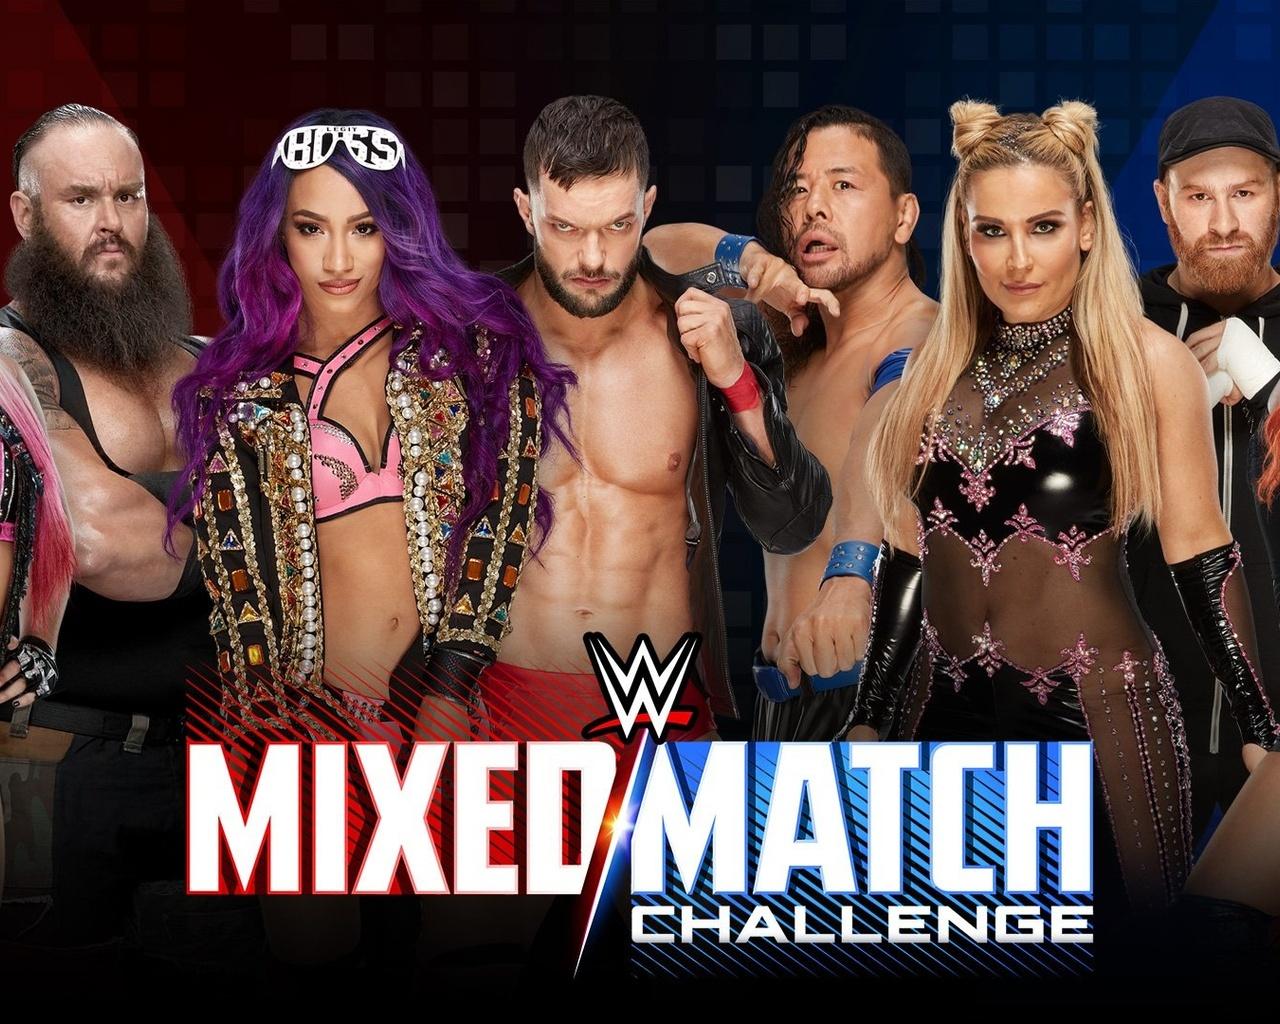 Wwe, Sasha Banks From Wwe, Sasha Banks And Finn Balor, - Wwe Mixed Match Challenge Season 2 , HD Wallpaper & Backgrounds